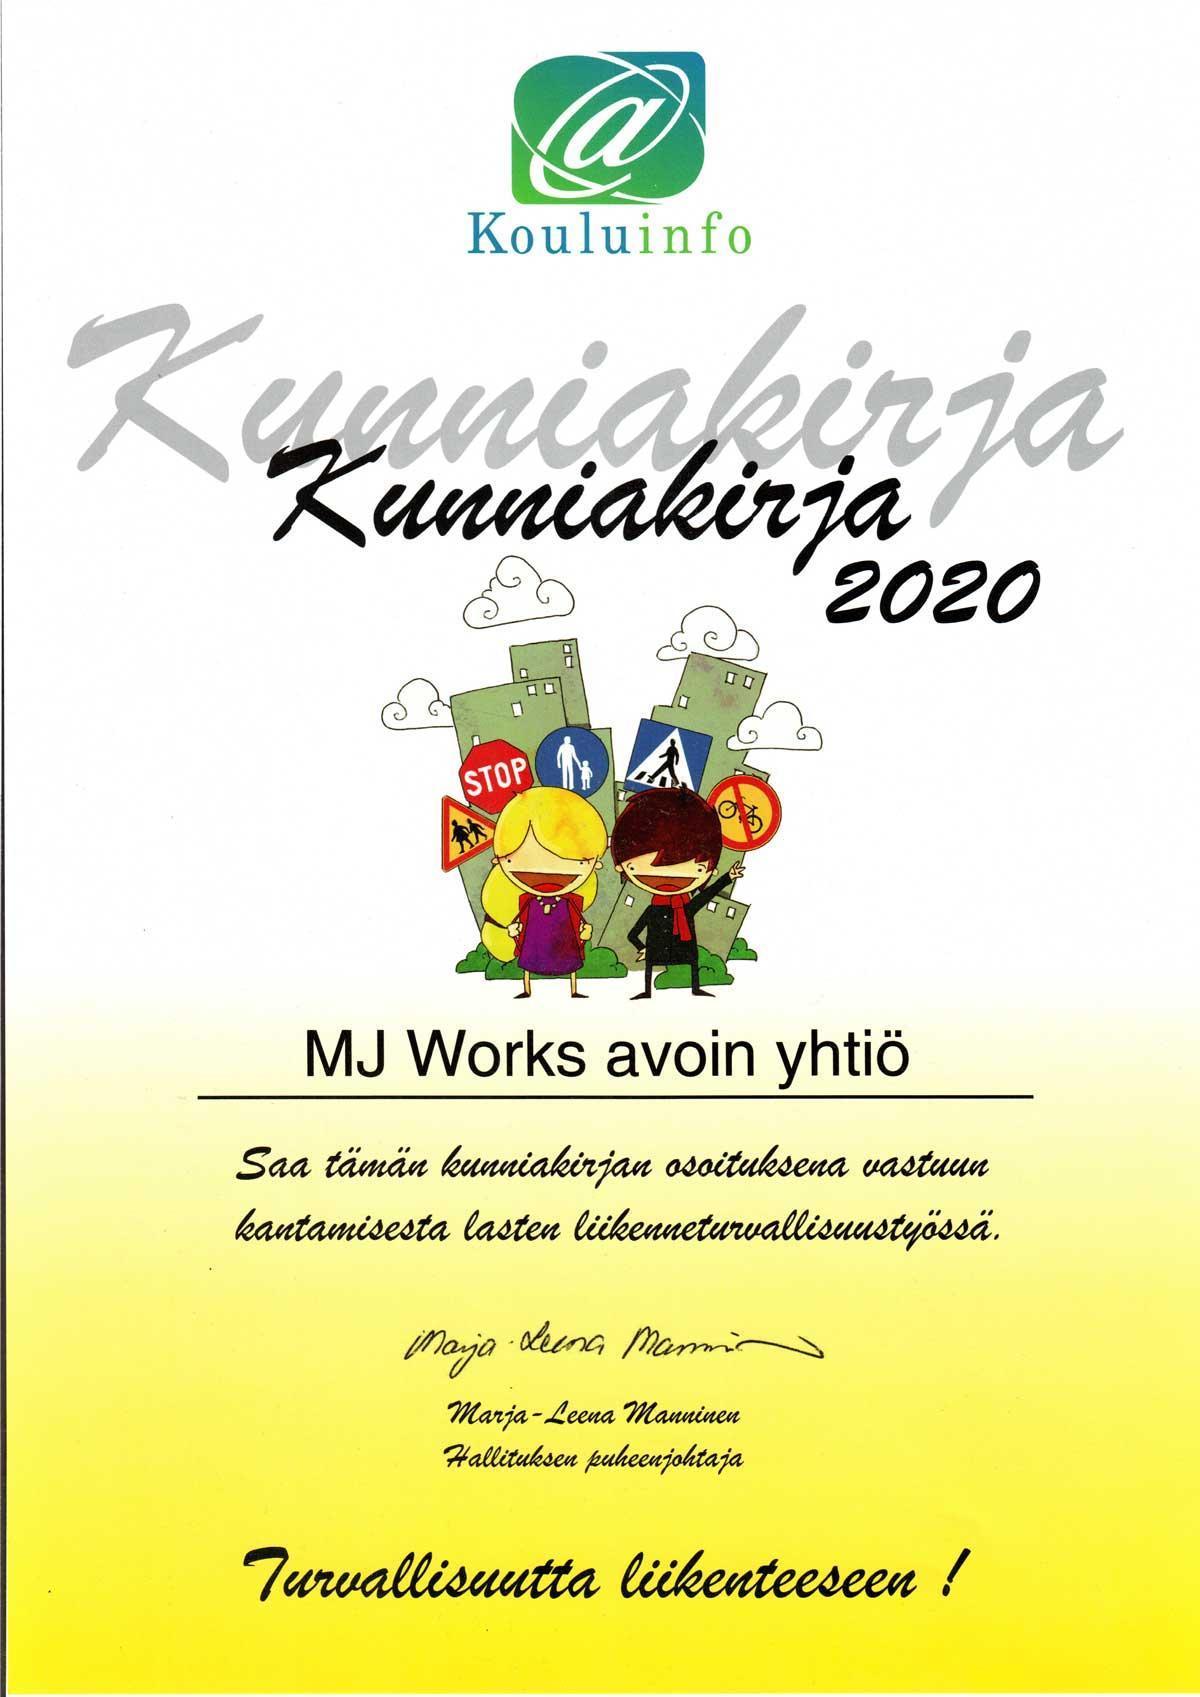 Kouluinfon kunniakirja 2020: MJ Works saa tämän kunniakirjan osoituksena vastuun kantamisesta lasten liikenneturvallisuustyössä.